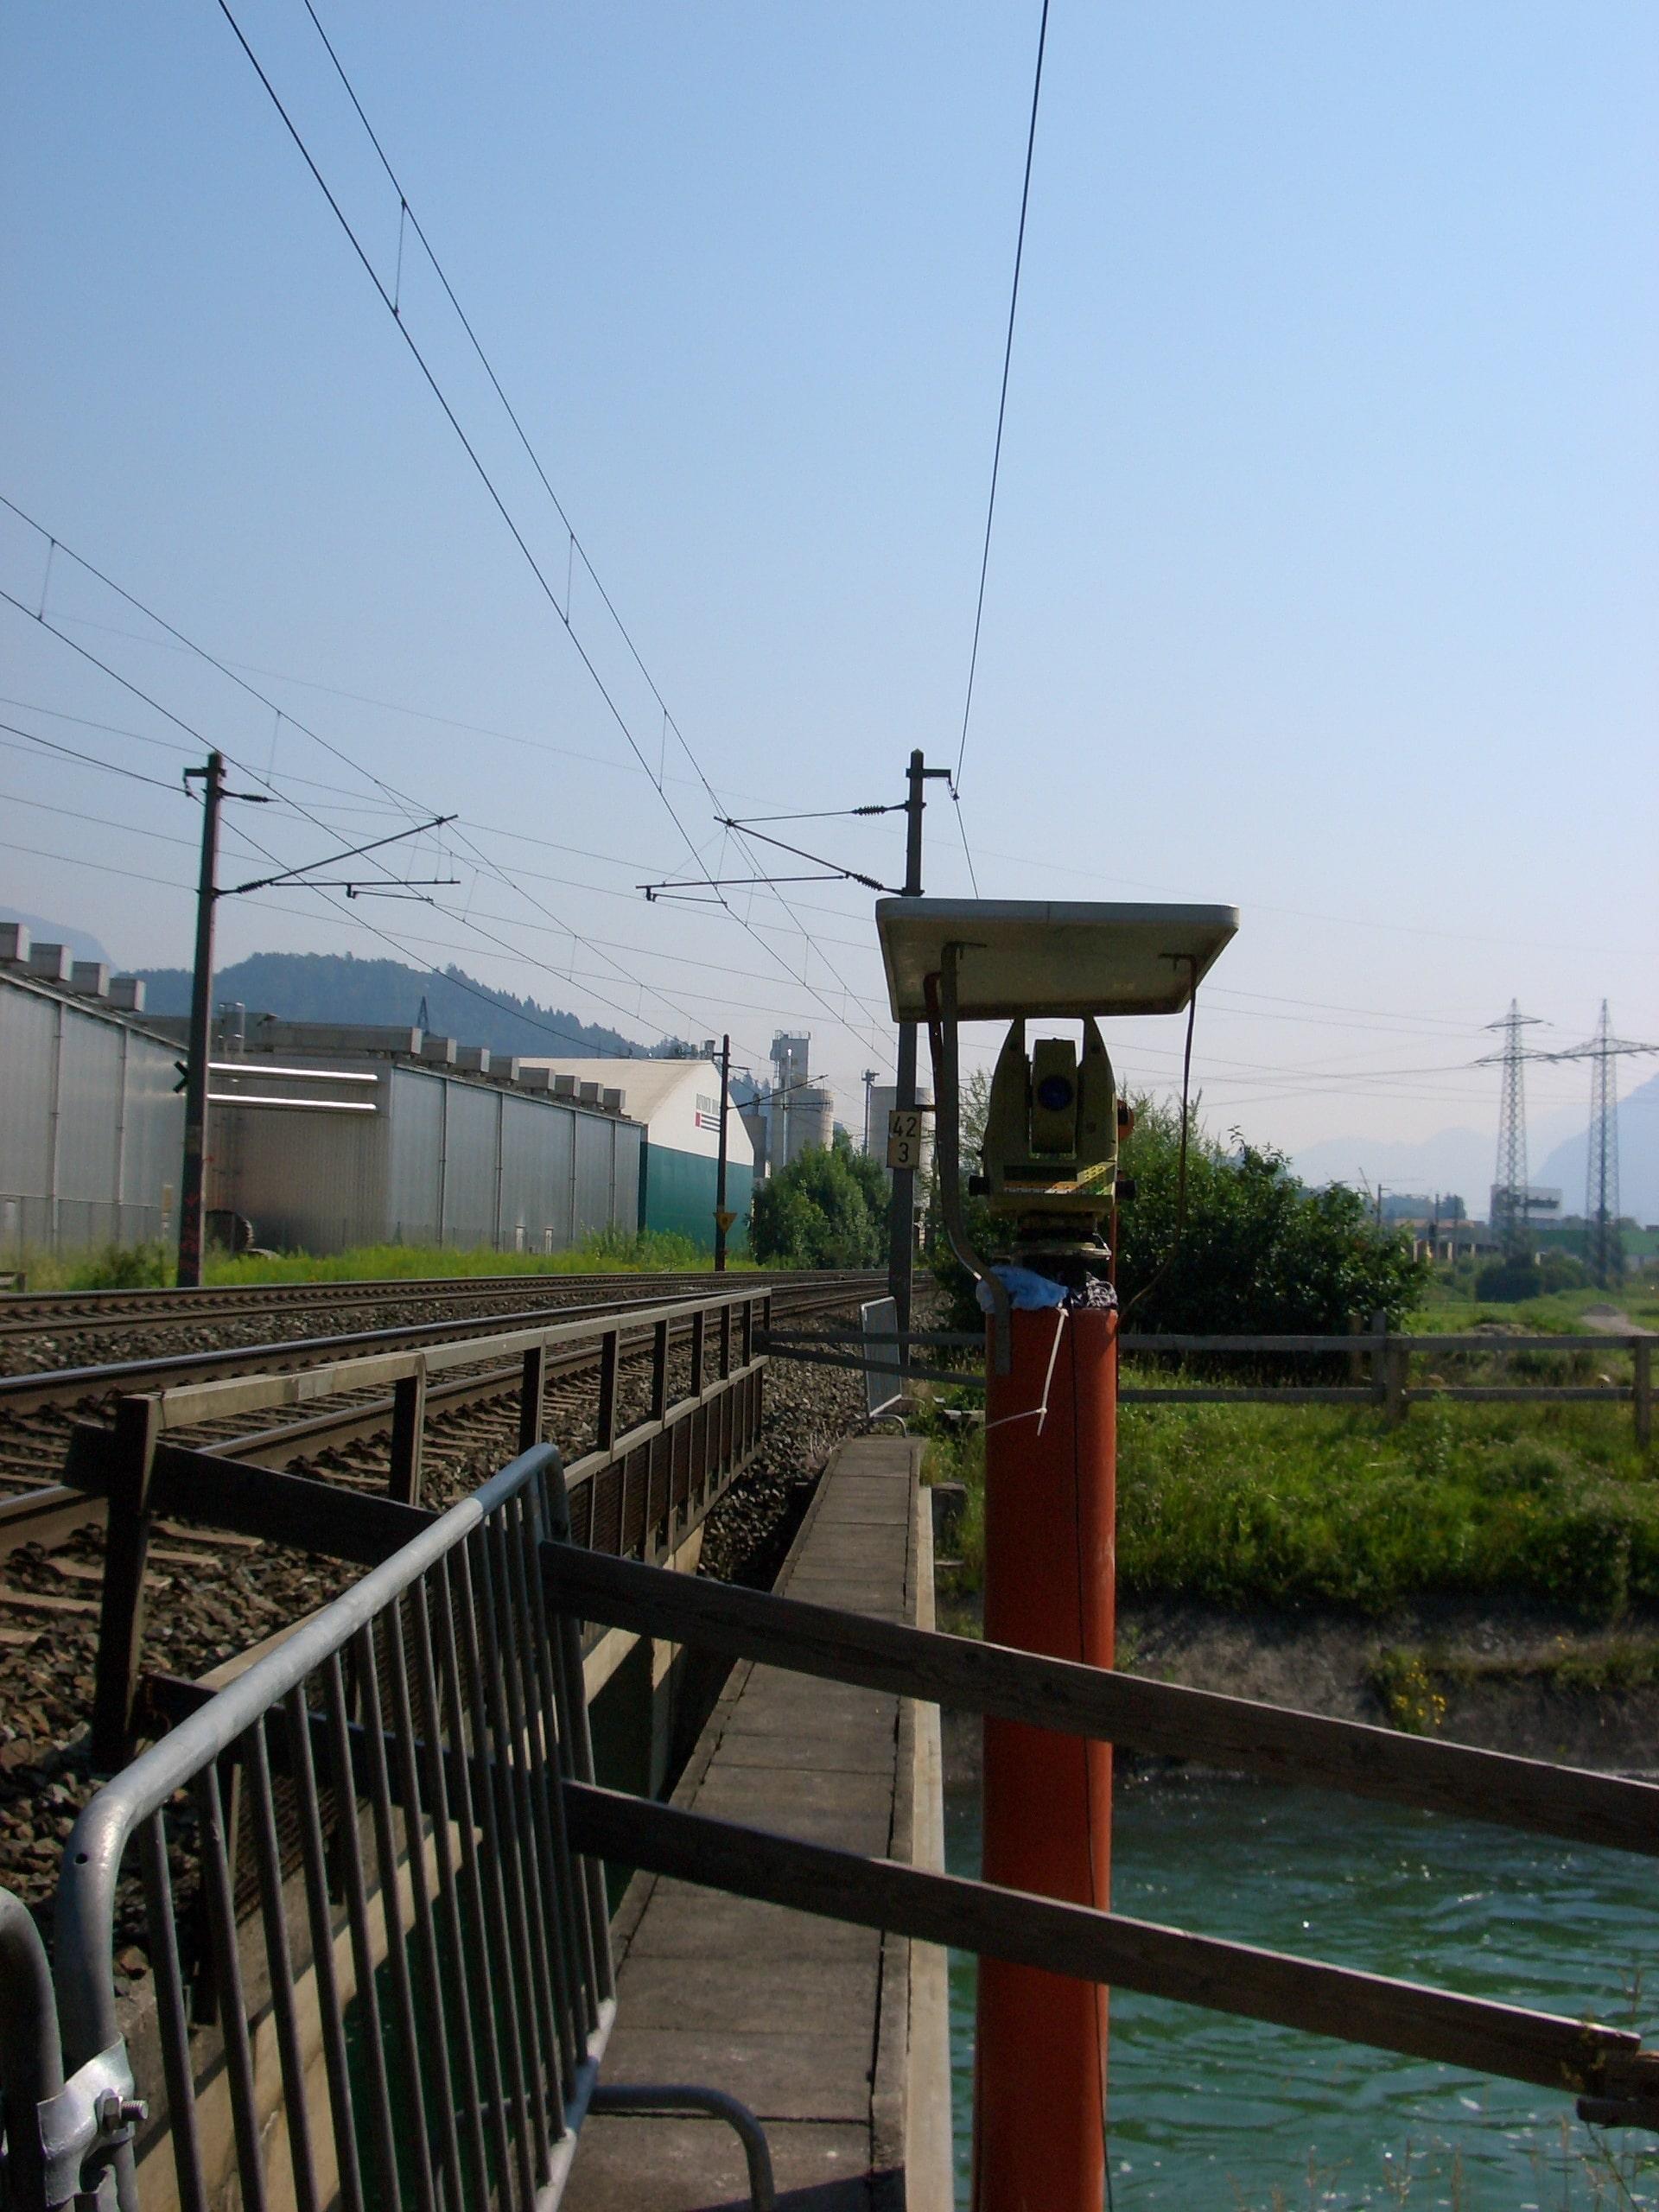 Sicherung während Gleisbauarbeiten im Jenbachtal/Österreich